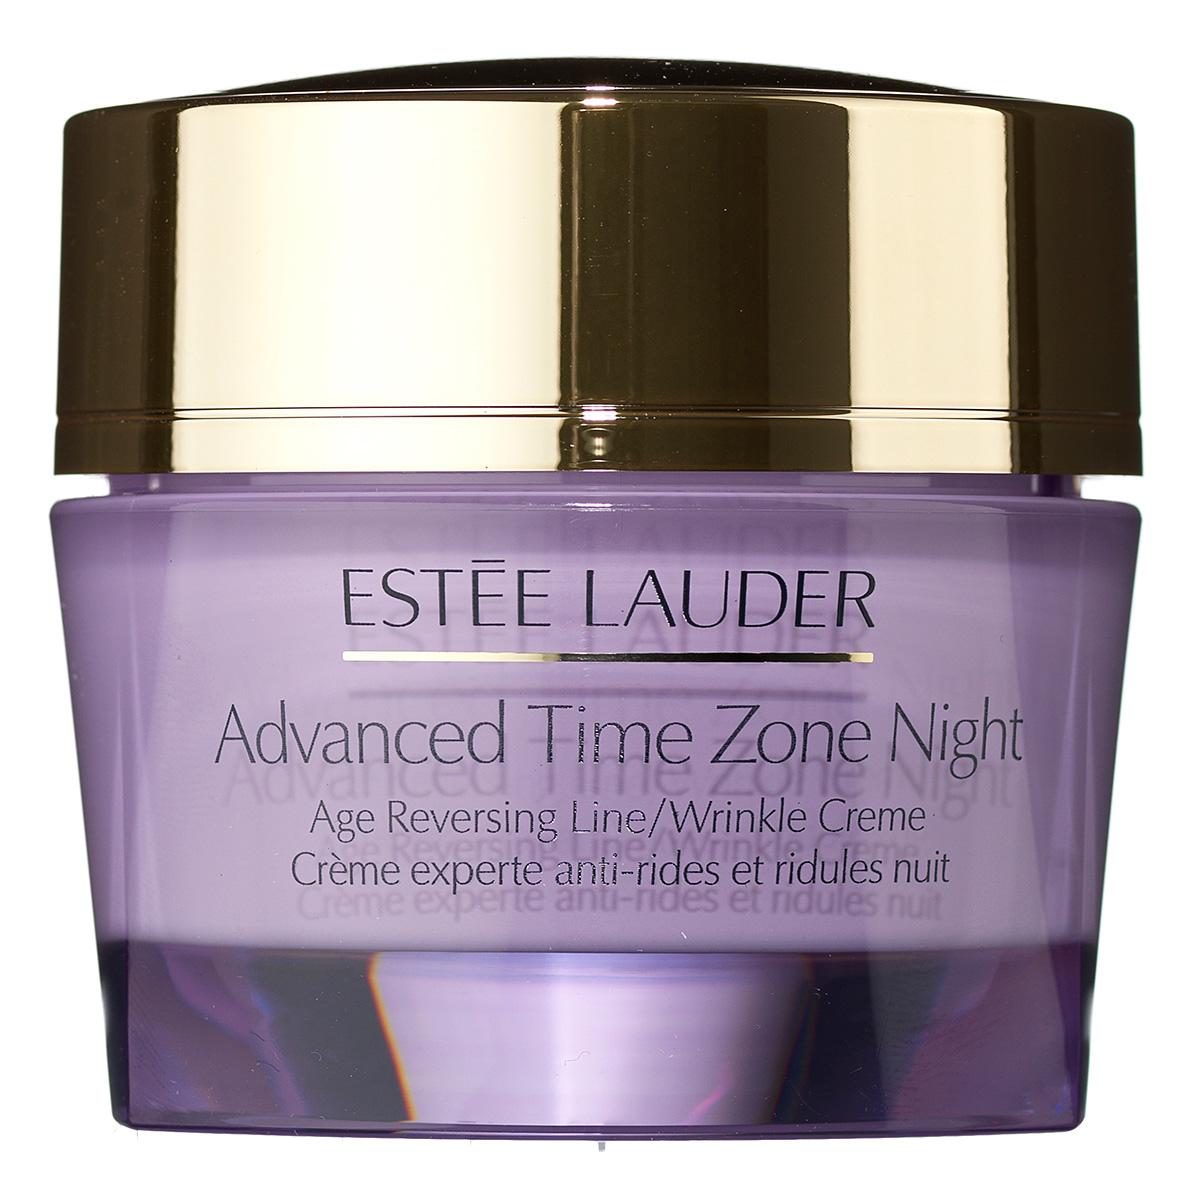 Billede af Estée Lauder Advanced Time Zone Night - 50 ml